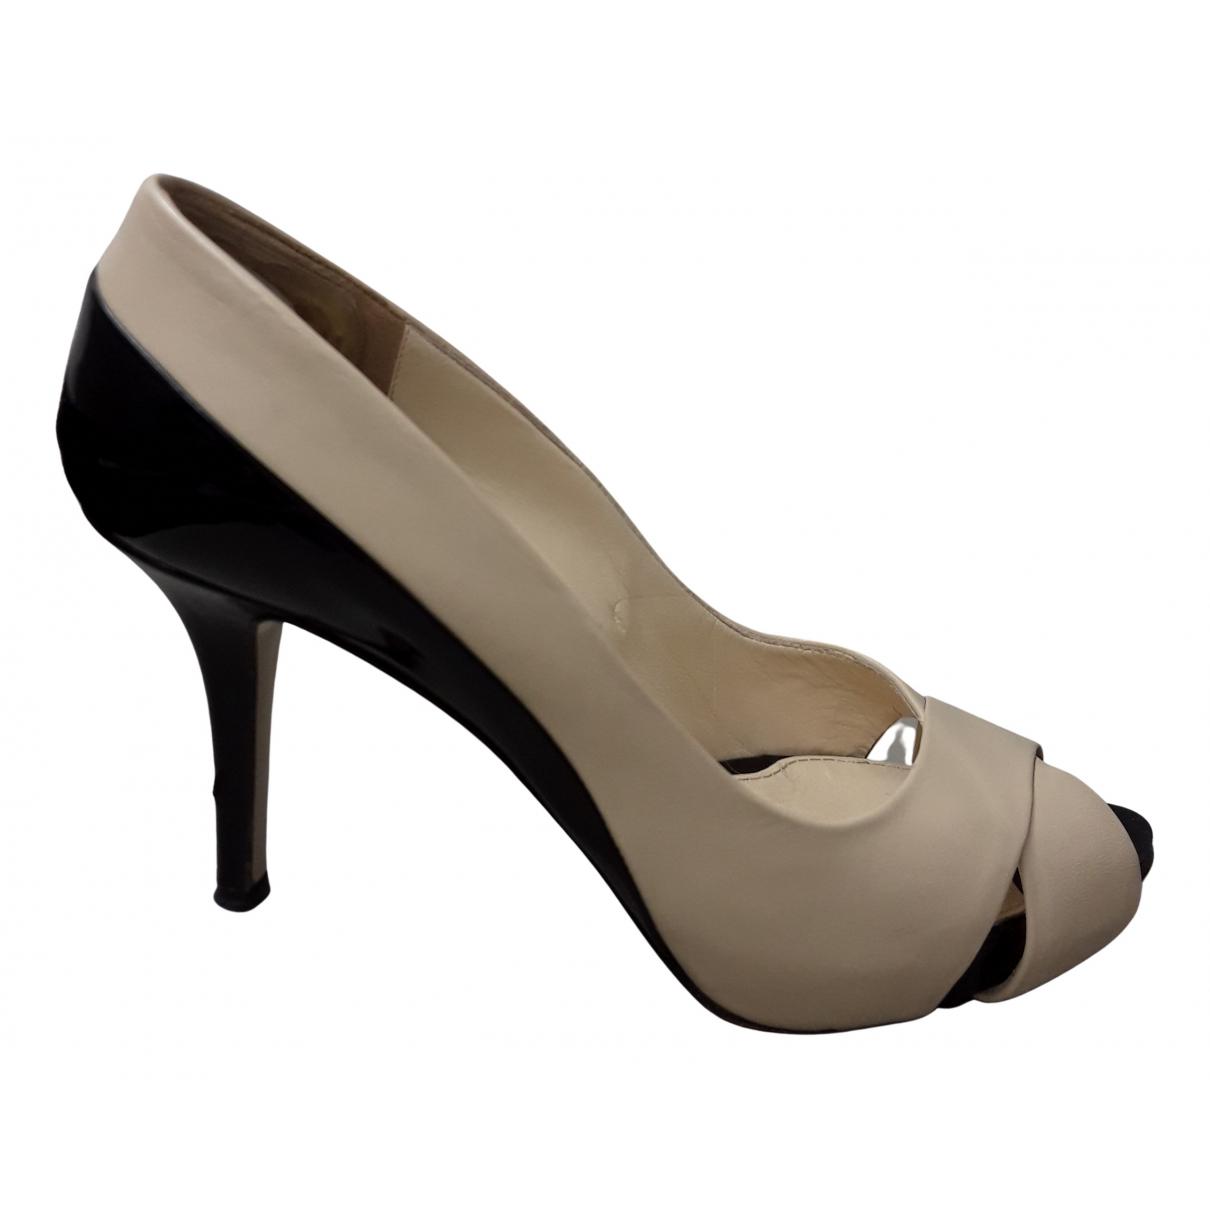 Max Mara N Beige Leather Heels for Women 38 EU